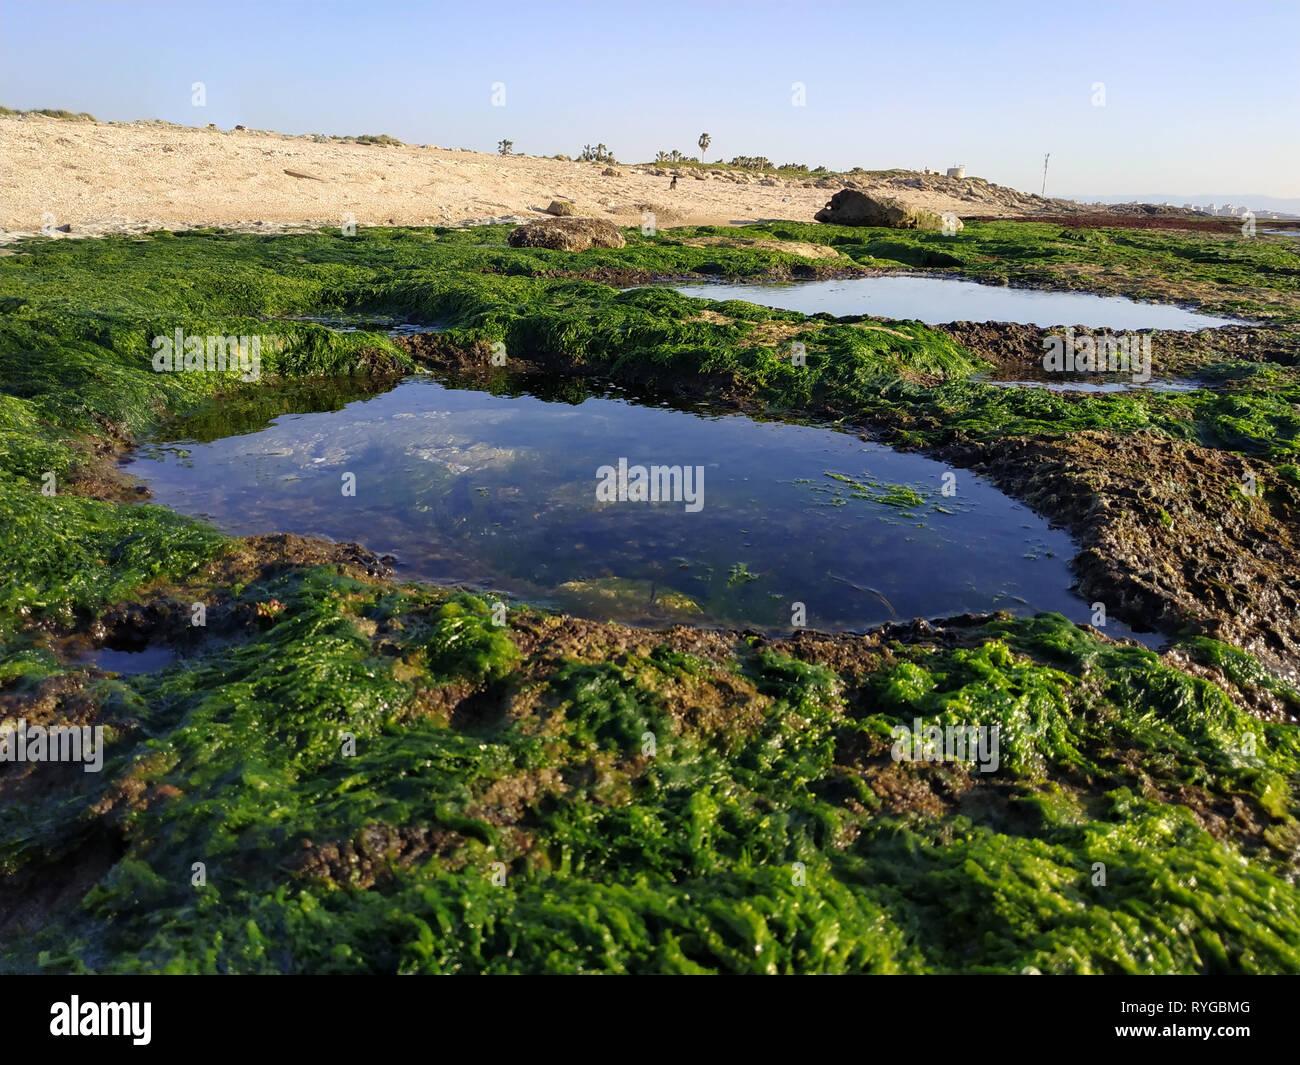 Bustan HaGalil plage de sable avec des rochers près d'Acre Haïfa Israël. Akko mer méditerranée. L'eau claire avec des pierres couvertes d'algues. Sunny blue sky Banque D'Images